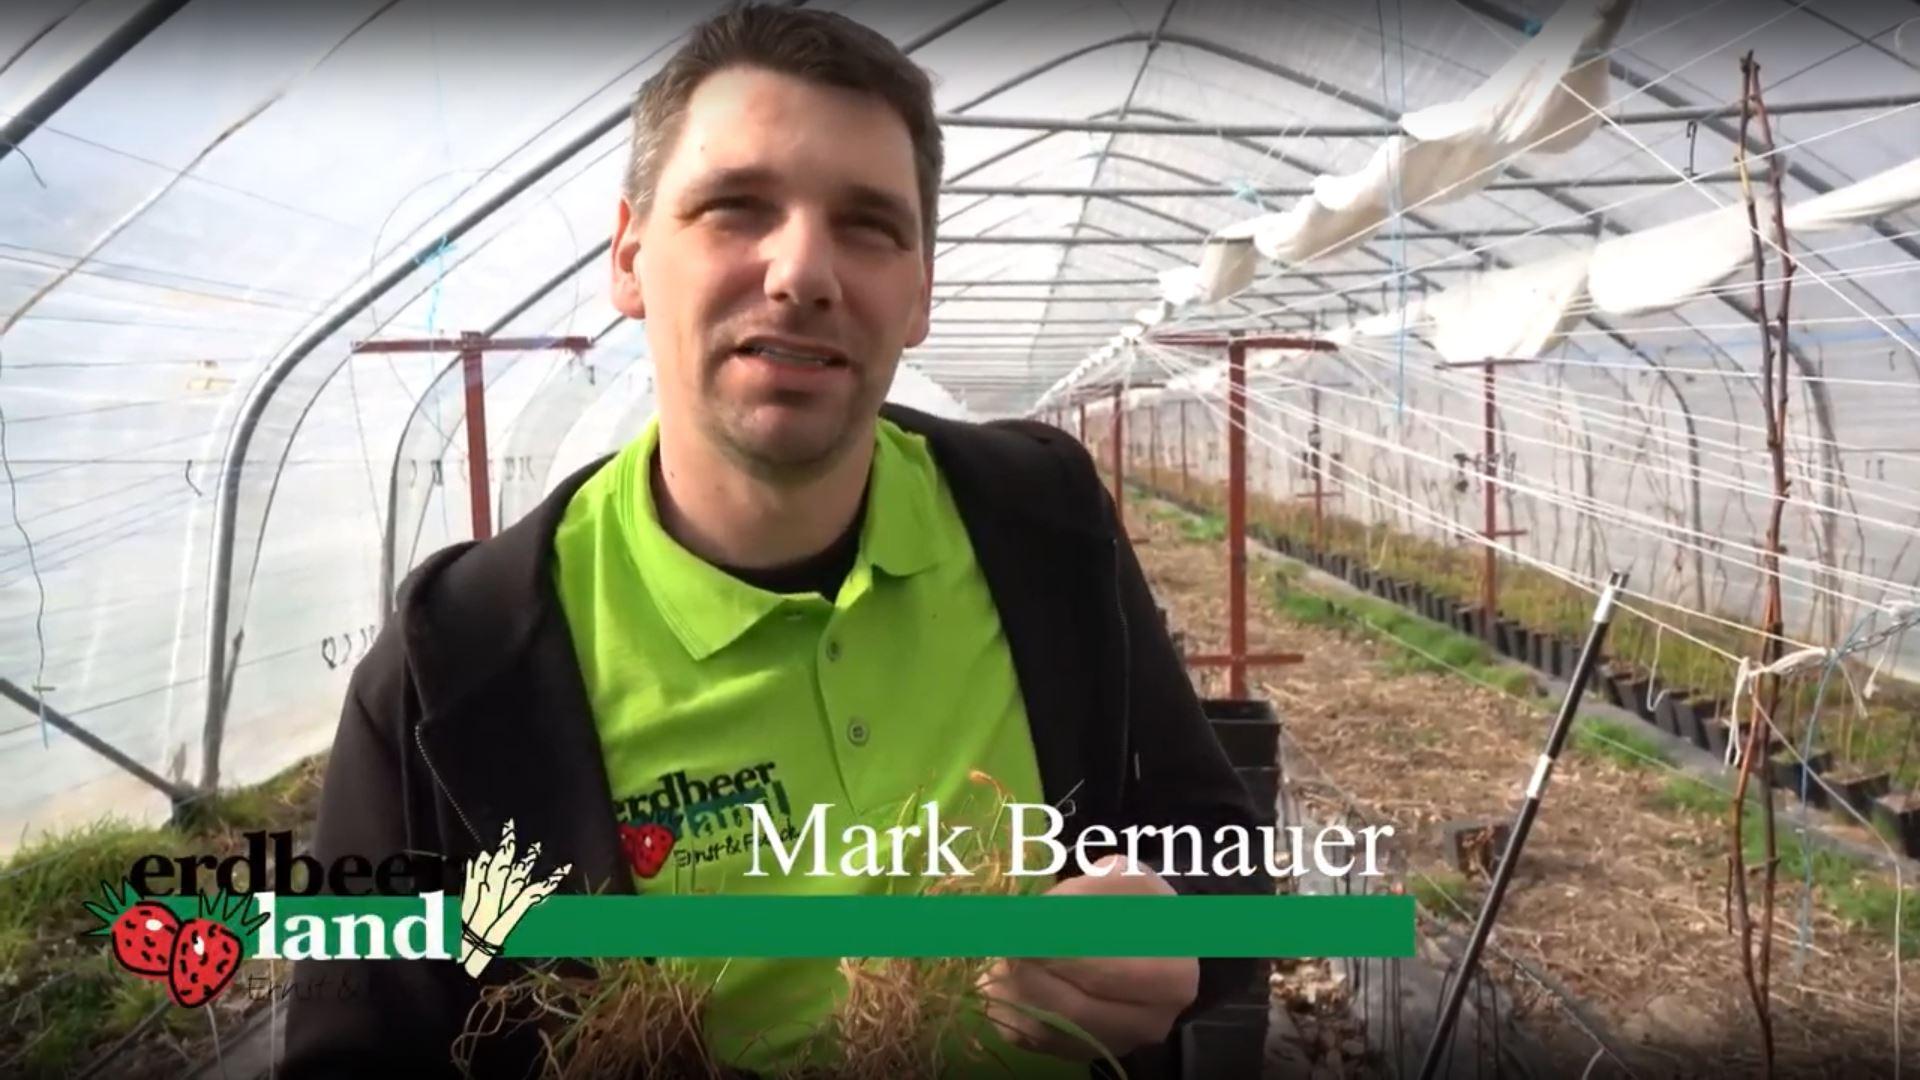 Mark Bernauer in einem Reportage-Video von Erdbeerland Ernst & Funck